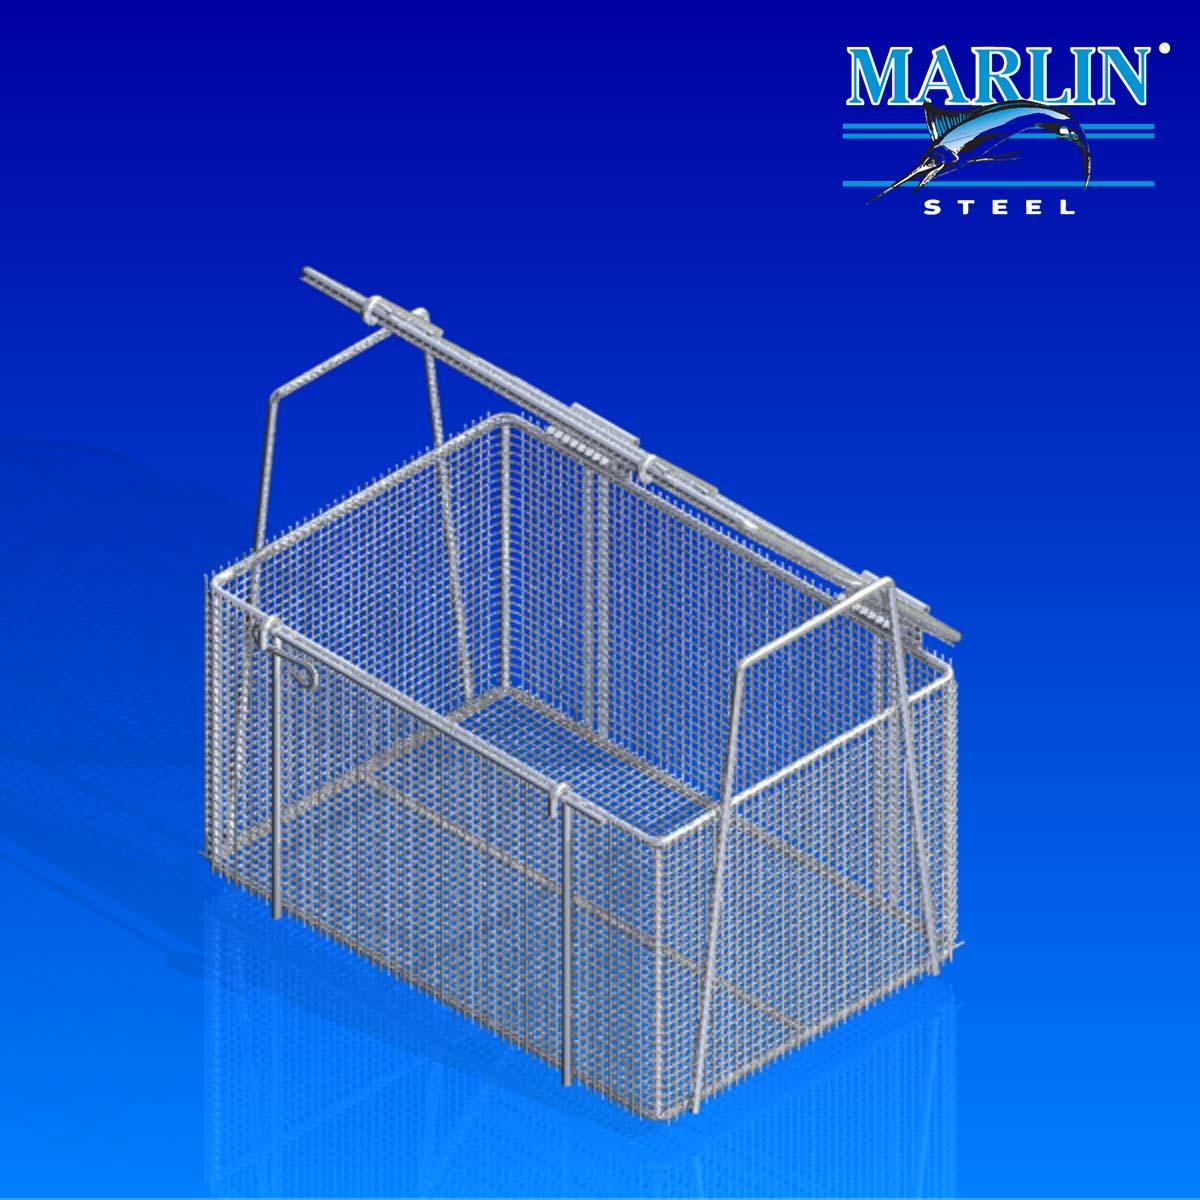 Marlin Steel wire baskets with lids 761001.jpg